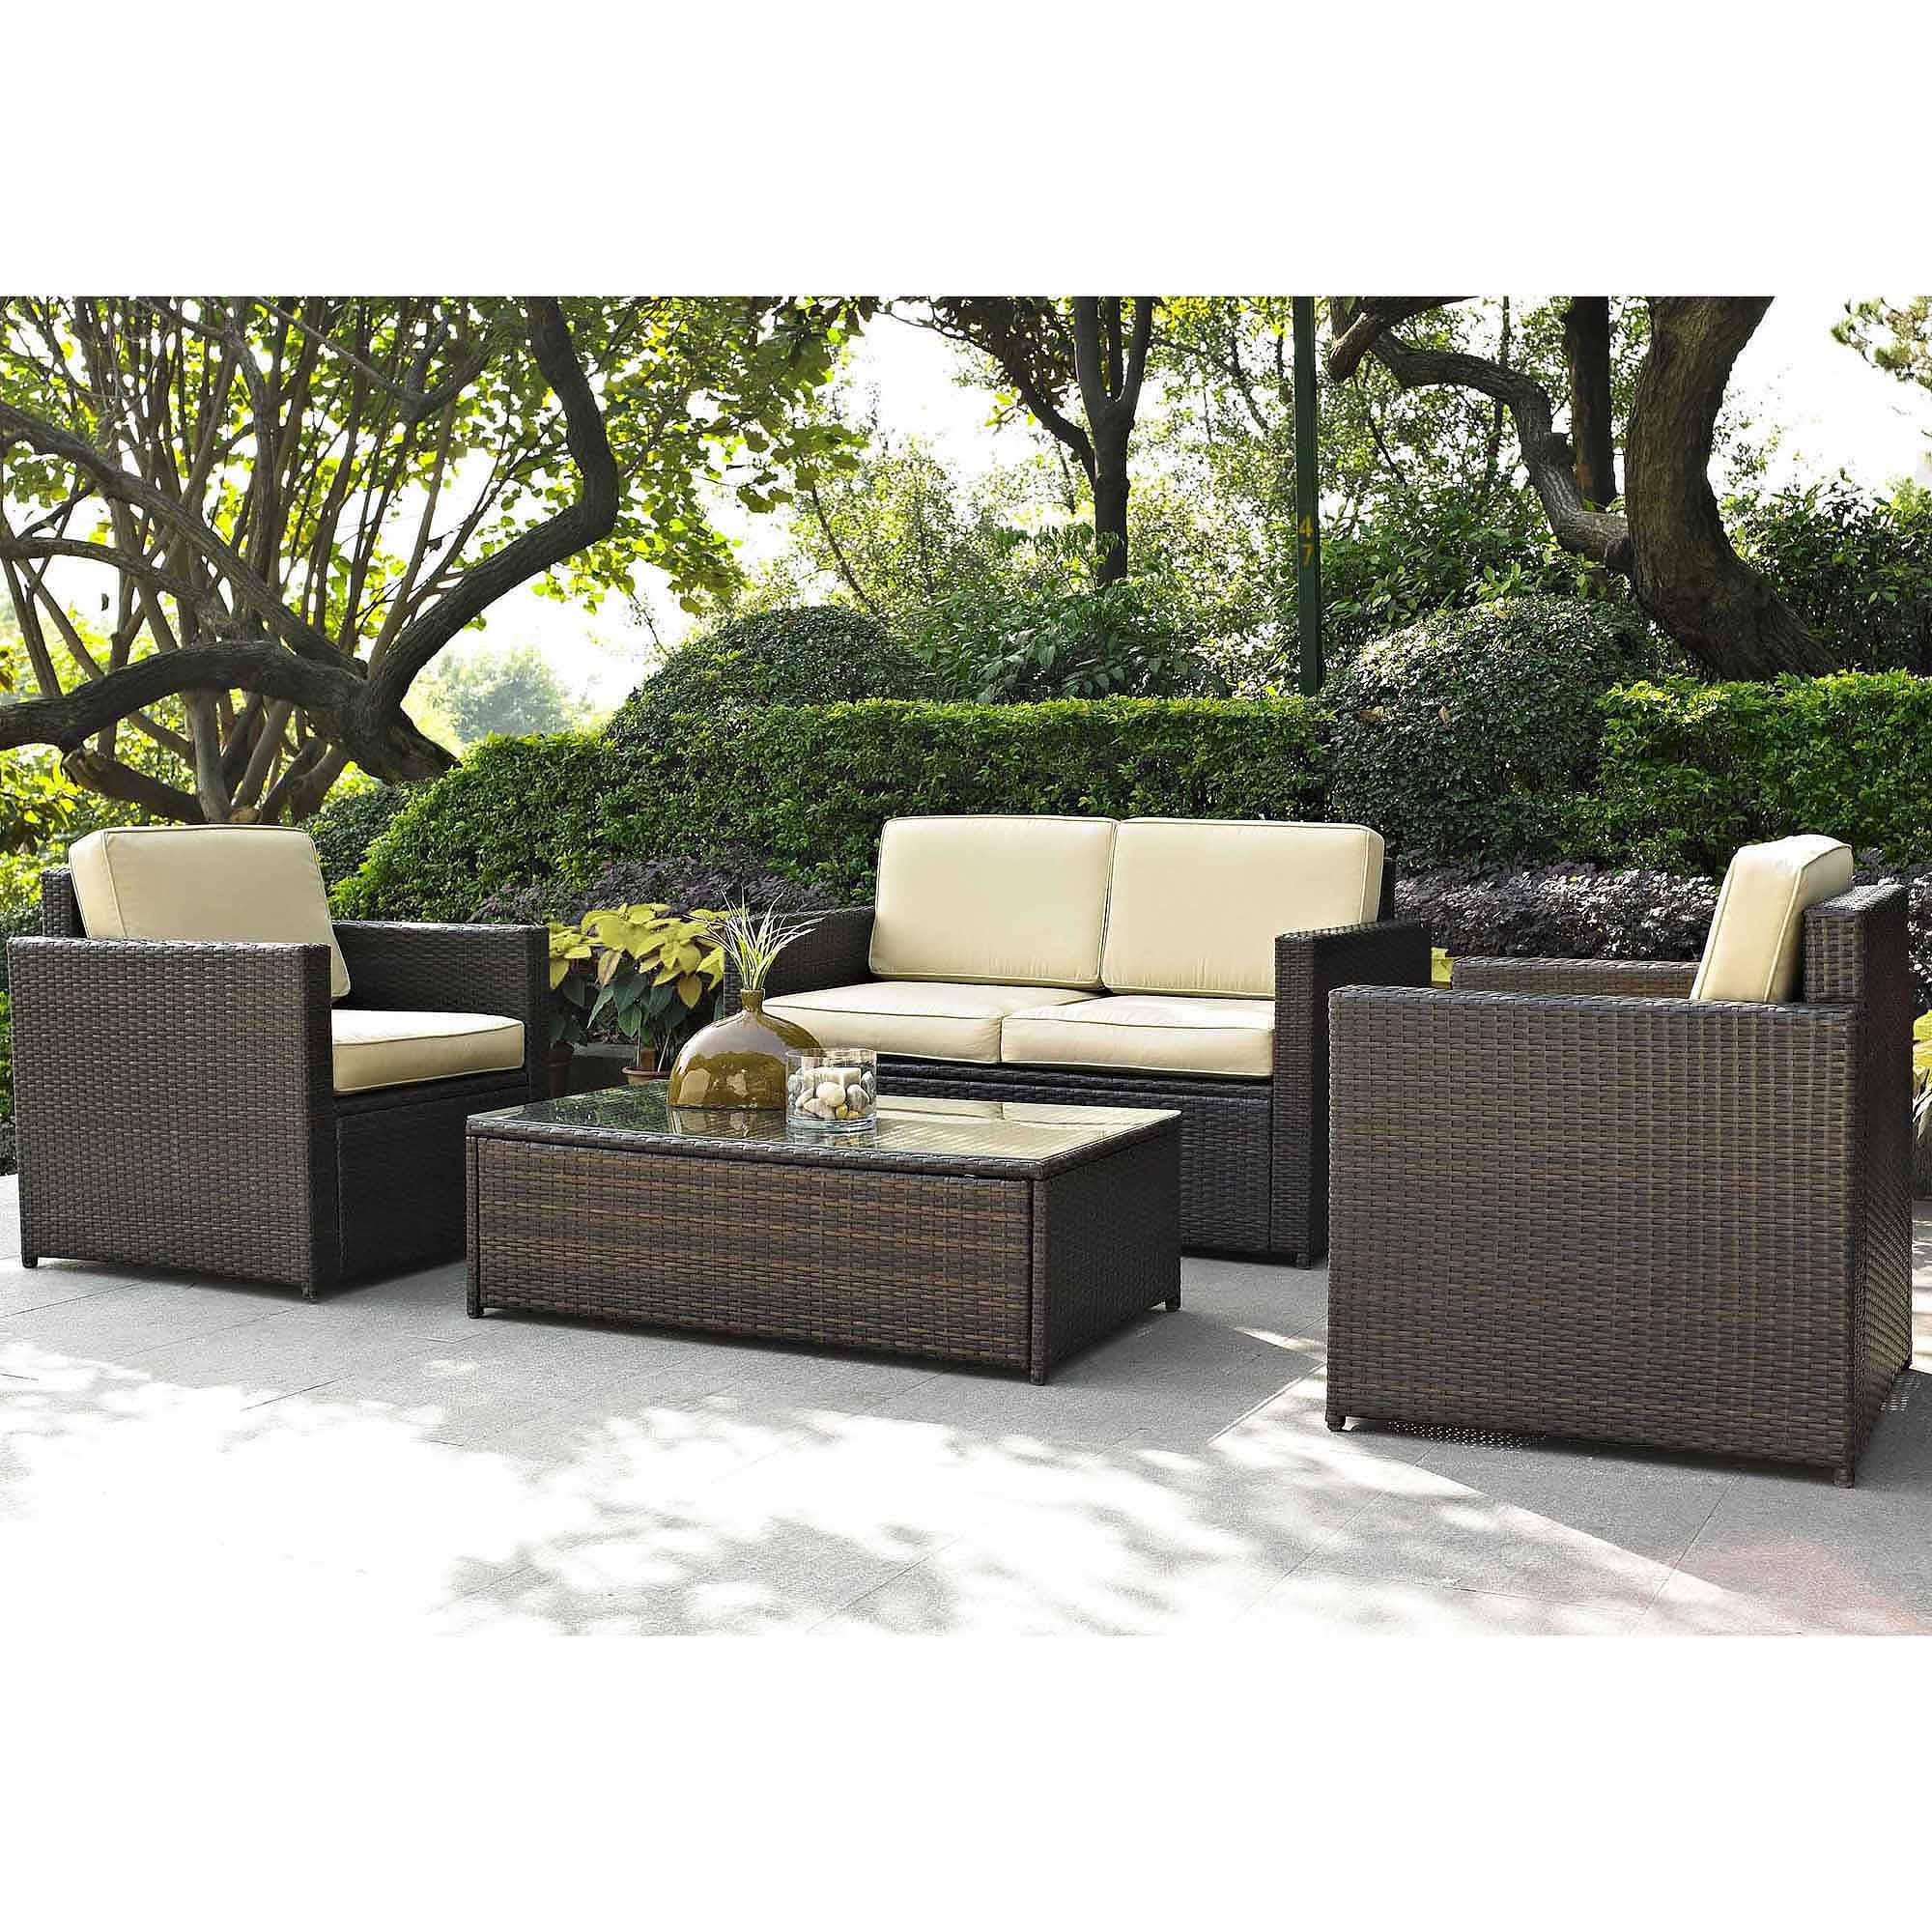 rattan outdoor furniture baner garden outdoor furniture complete patio pe wicker rattan garden  corner CSPLRIJ